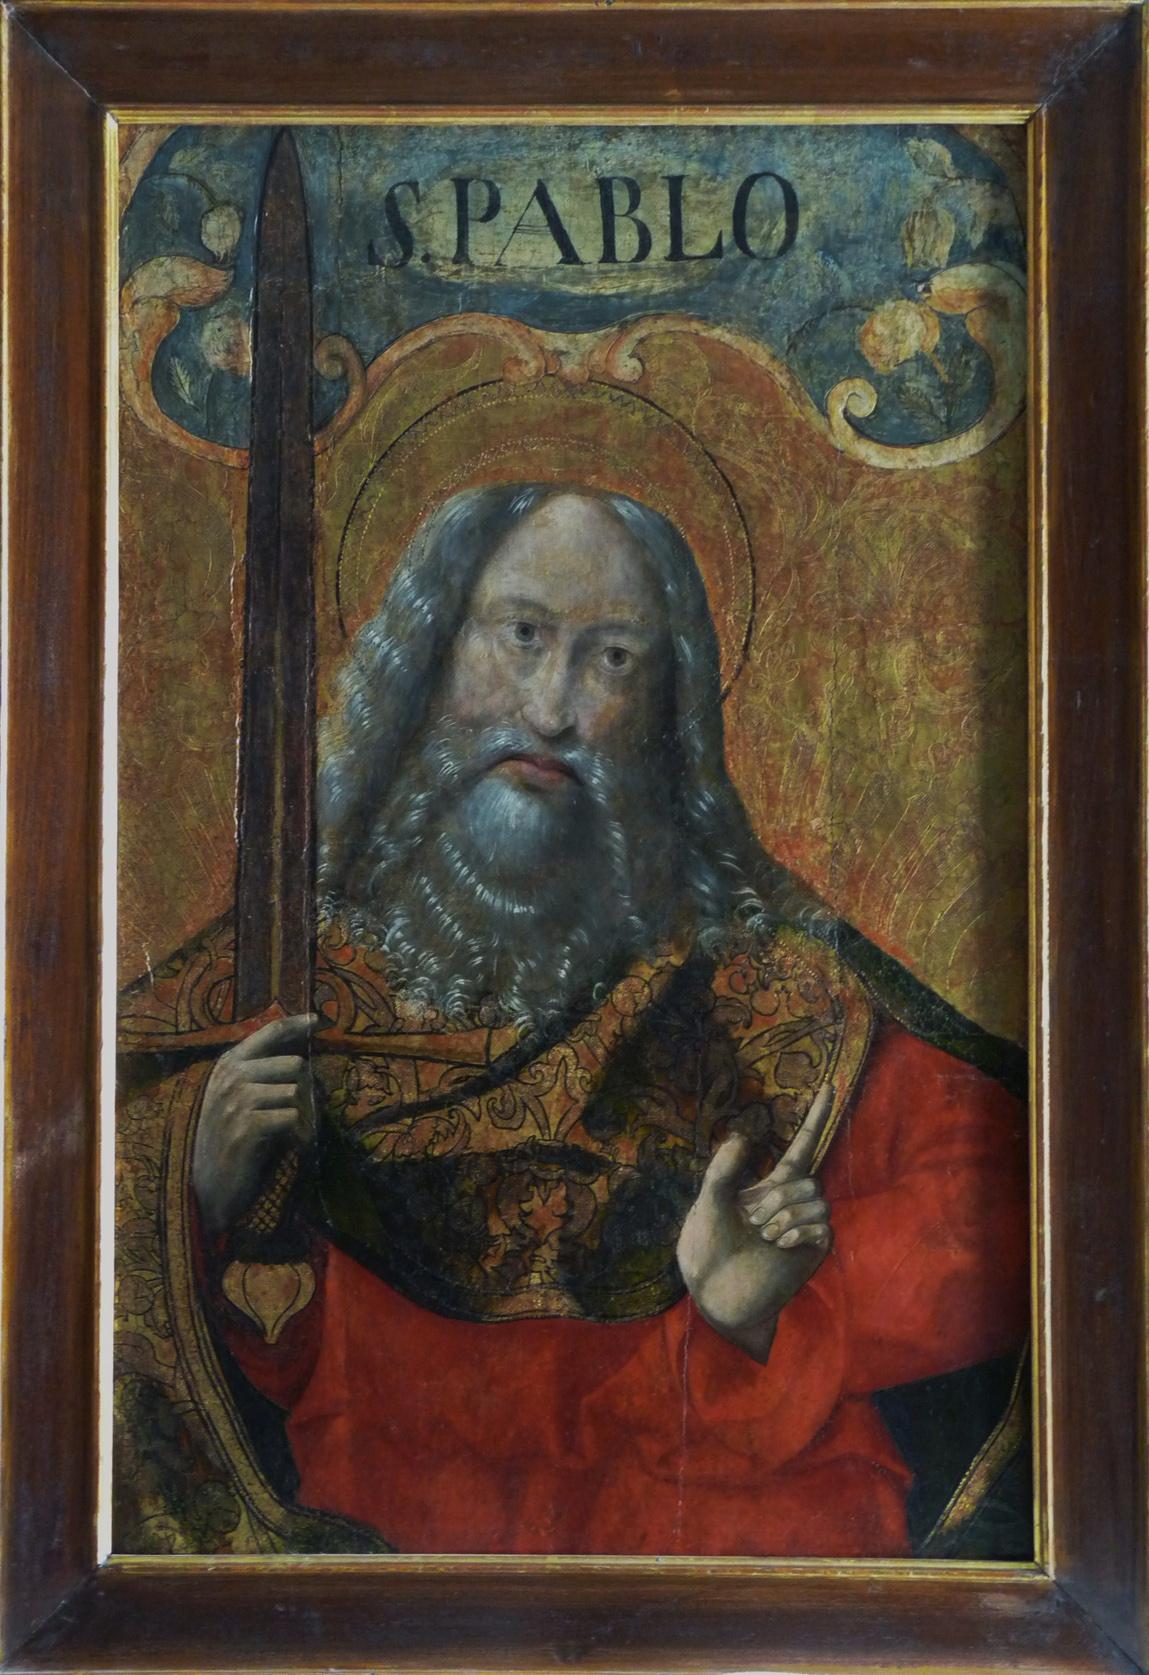 3 E 27- Tabla de Escuela de Palencia. San Pablo. Temple sobre oro. 81 x 53 cm. Palencia, ca. 1480